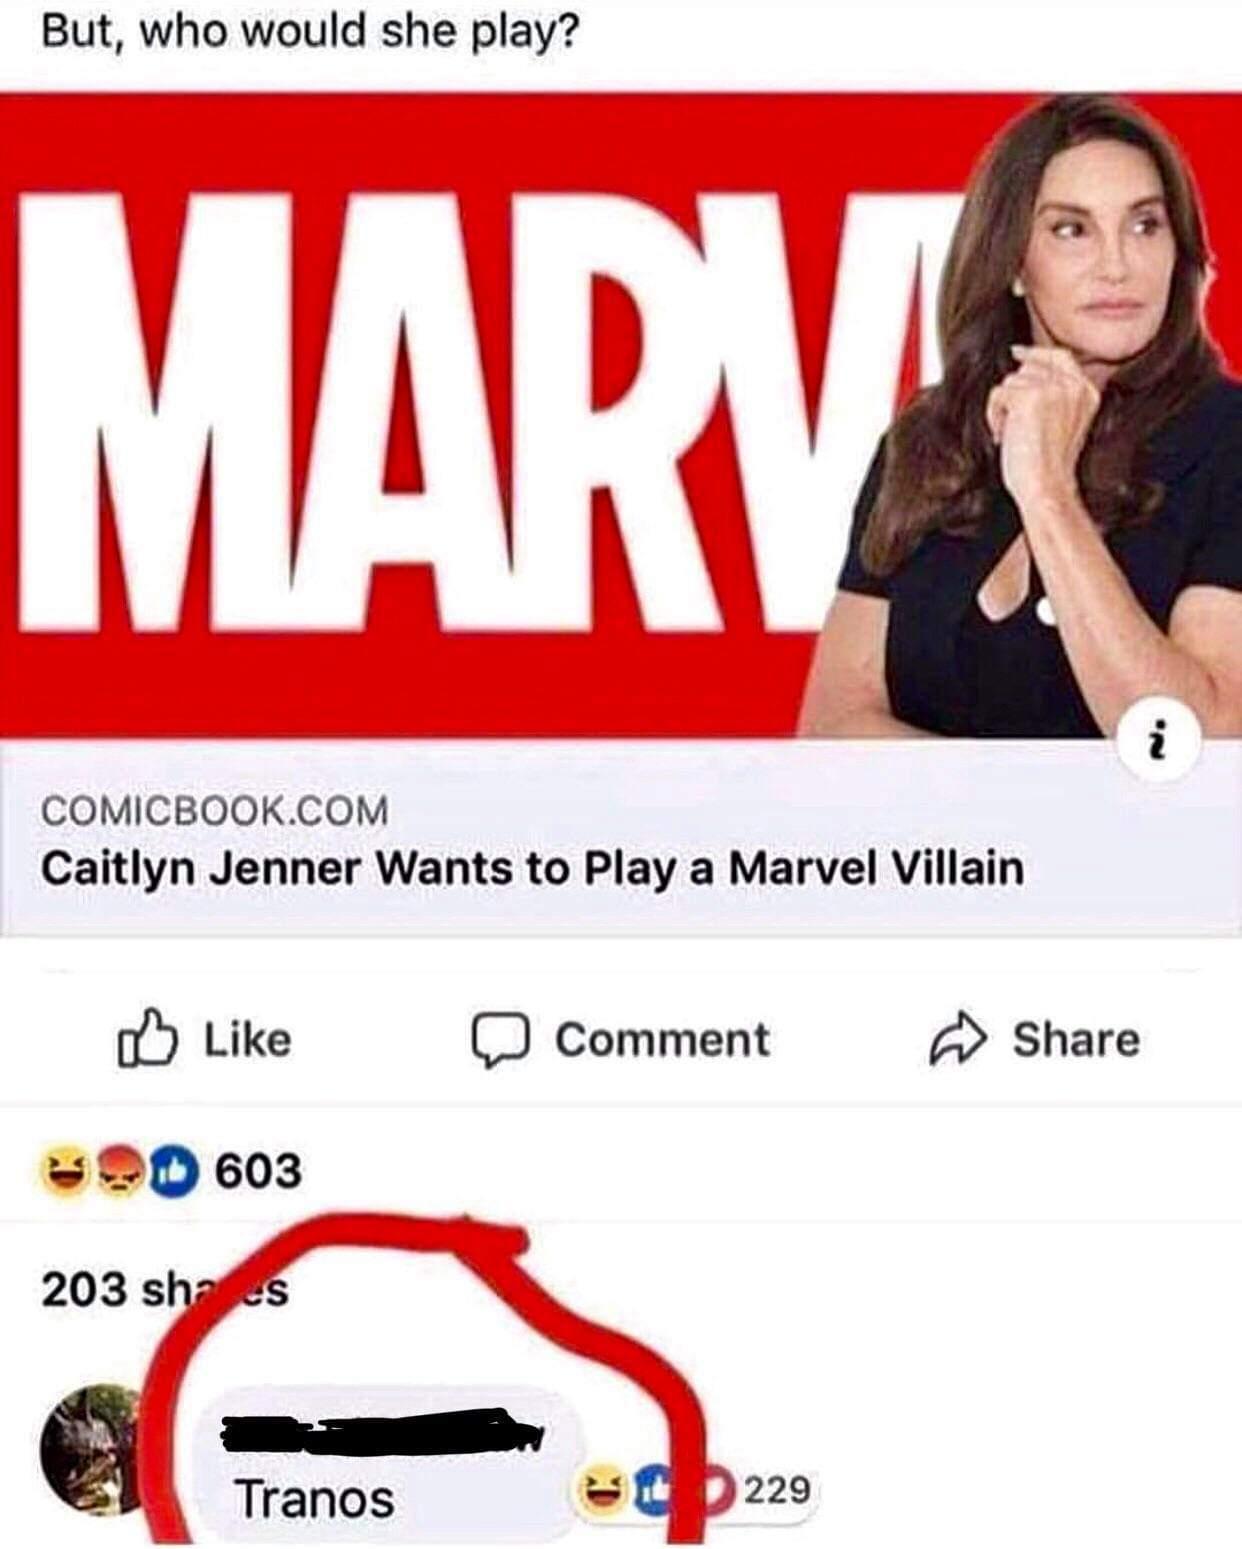 Caitlyn Jenner quiere interpretar a un villano de Marvel